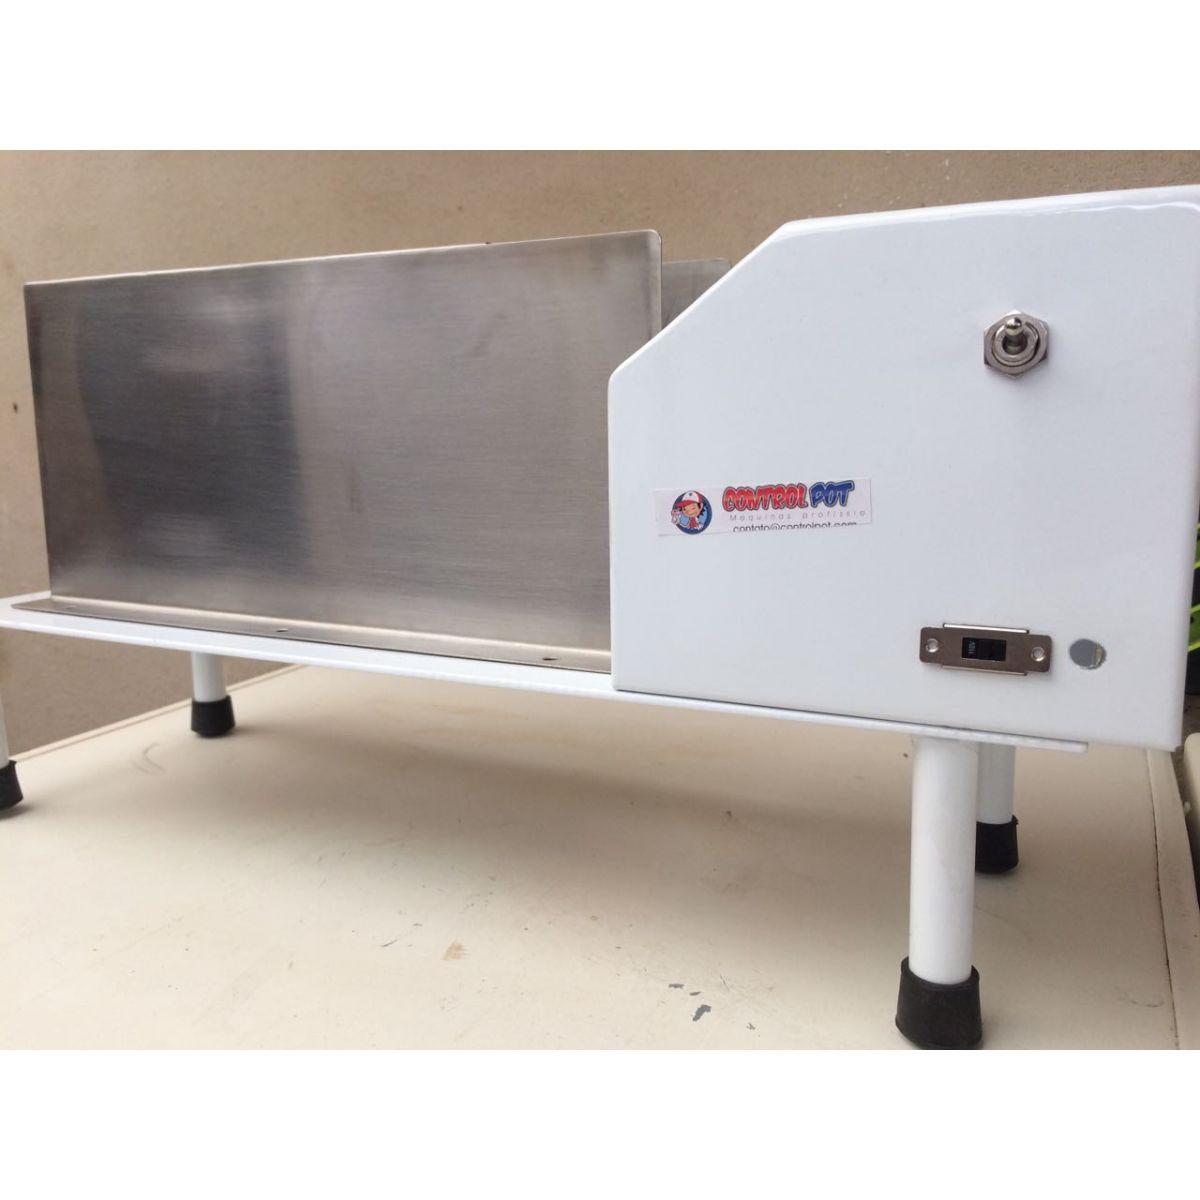 Maquina Ralador De Milho Verde Elétrico Industrial 1750 Rpm   - Controlpot Maquinas e Batedores Milk Shake e Furador de Côco